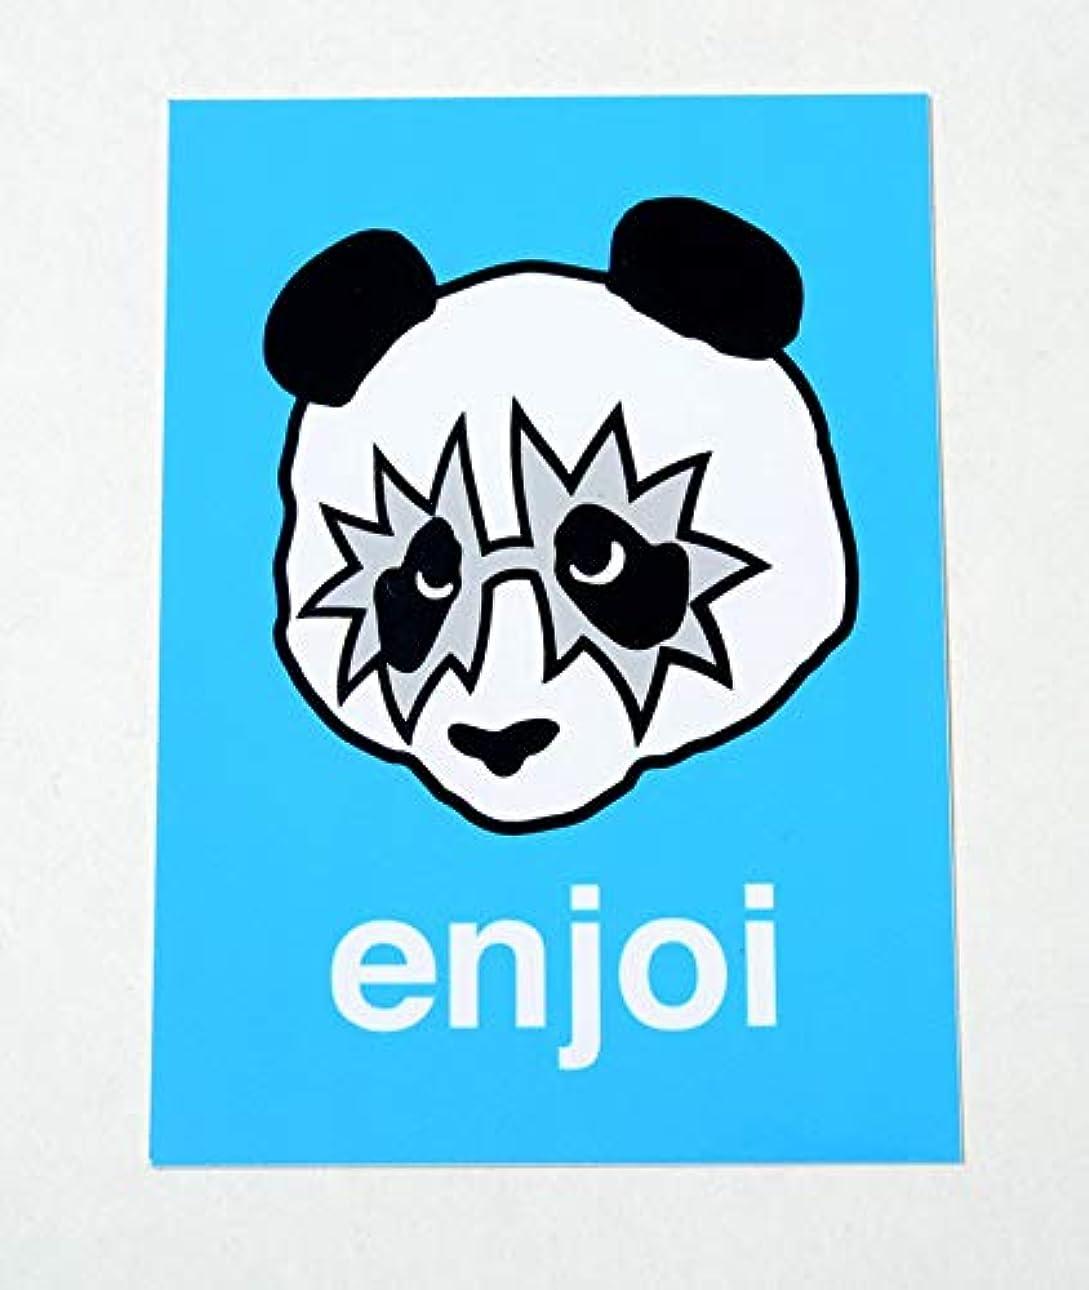 カンガルー買う書誌enjoi sticker エンジョイ ステッカー KISS BLUE ブルー